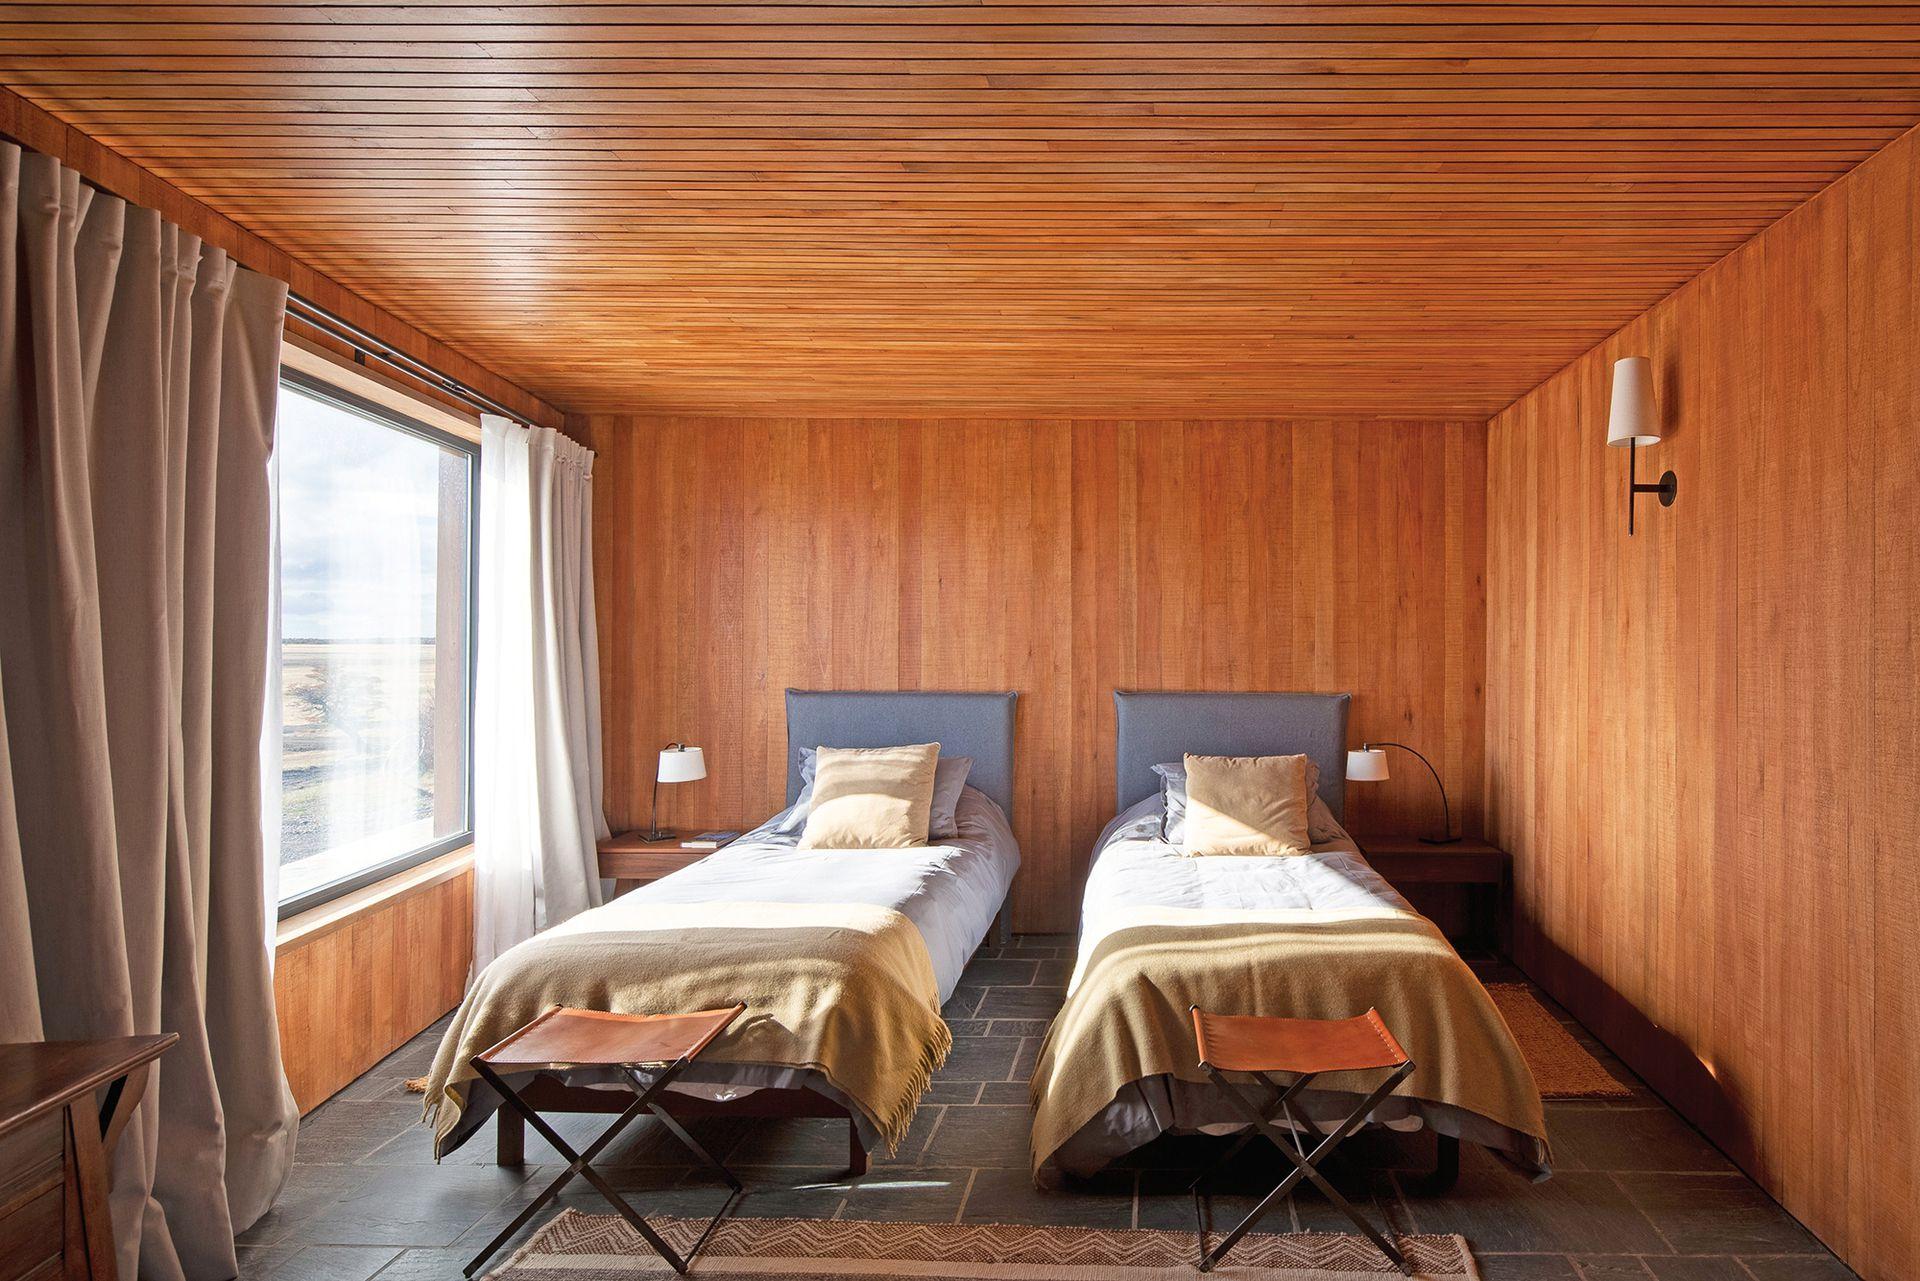 Otra habitación doble, en este caso ambientada con mesas de luz en madera con cajones telescópicos (Net Muebles), respaldos forrados, banquetas de cuero al pie de las camas (Paul French Gallery) y alfombra modelo 'Tejido Indio'.